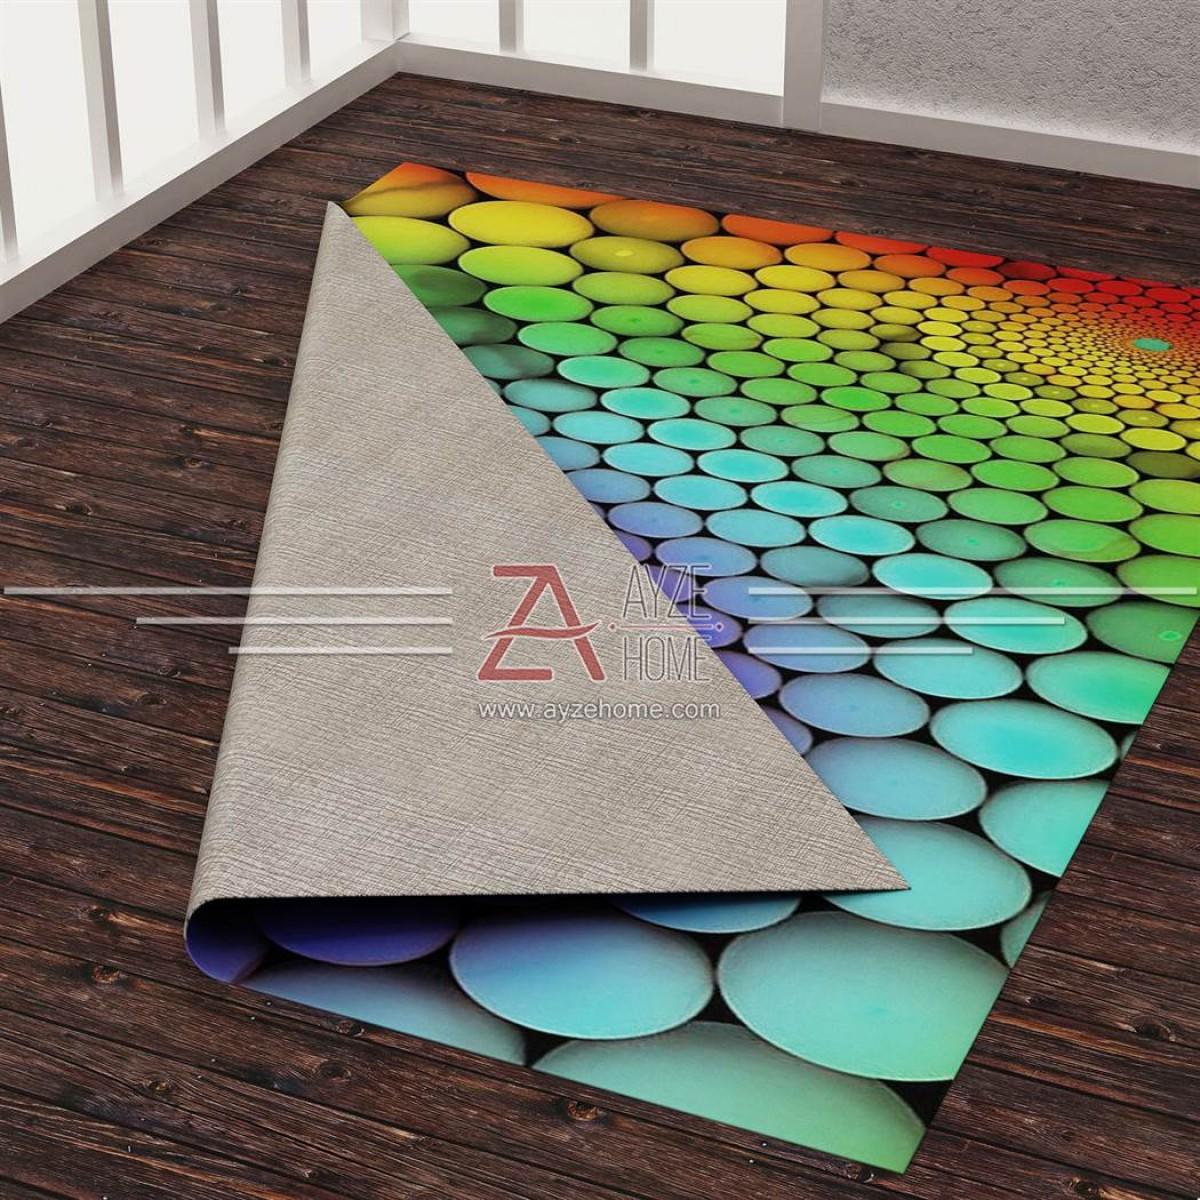 Genç Odası - Renkli Toplar 3D Baskılı Halı